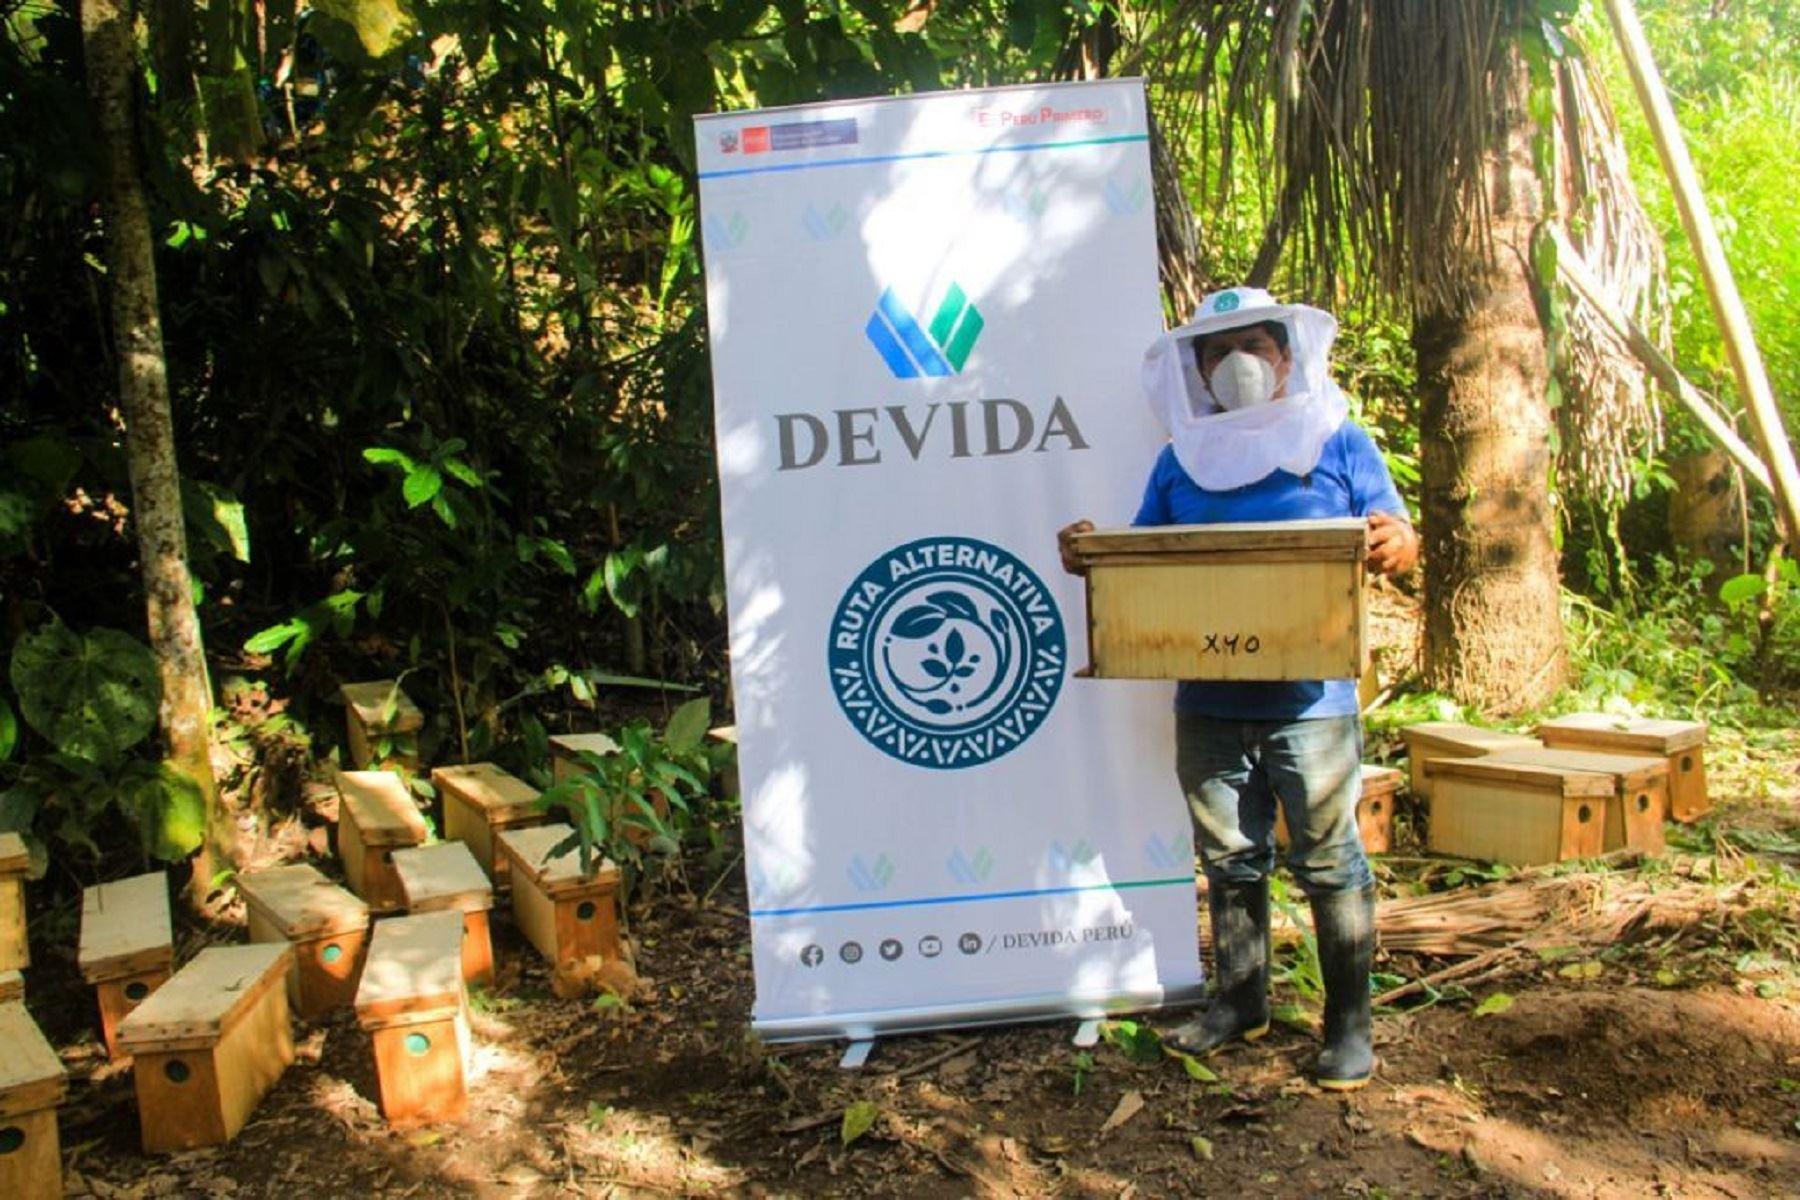 Huánuco: Devida impulsa proyecto de desarrollo alternativo invirtiendo más de 73 millones. Foto: Difusión